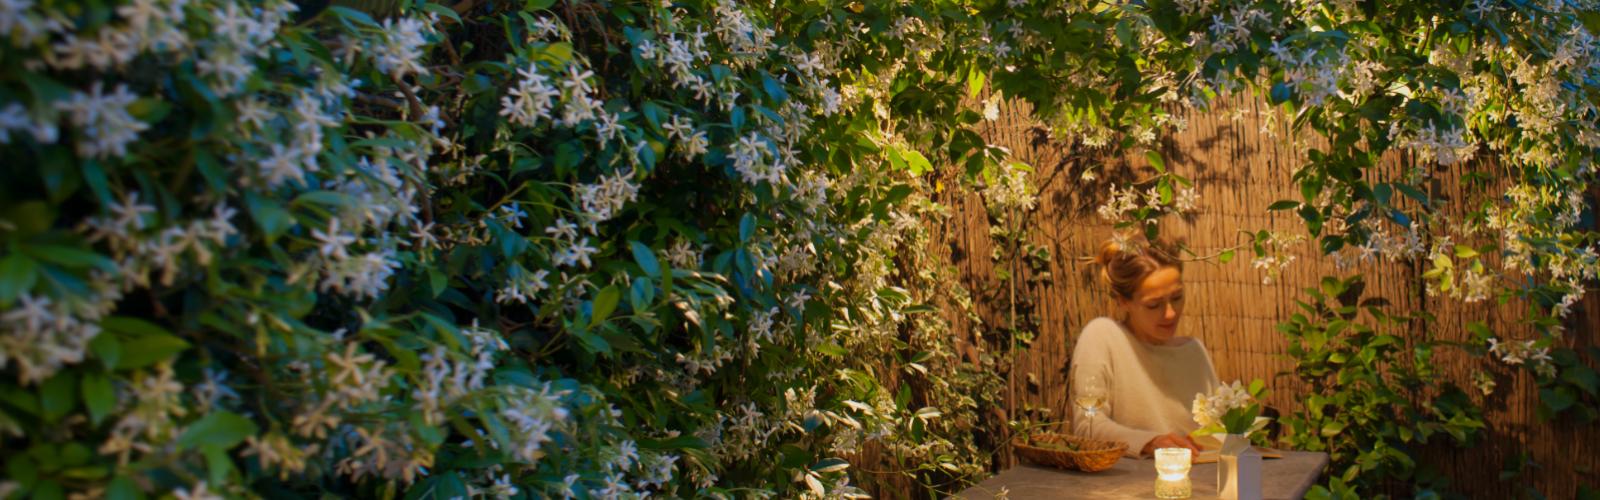 Moon Garden with blooming vines